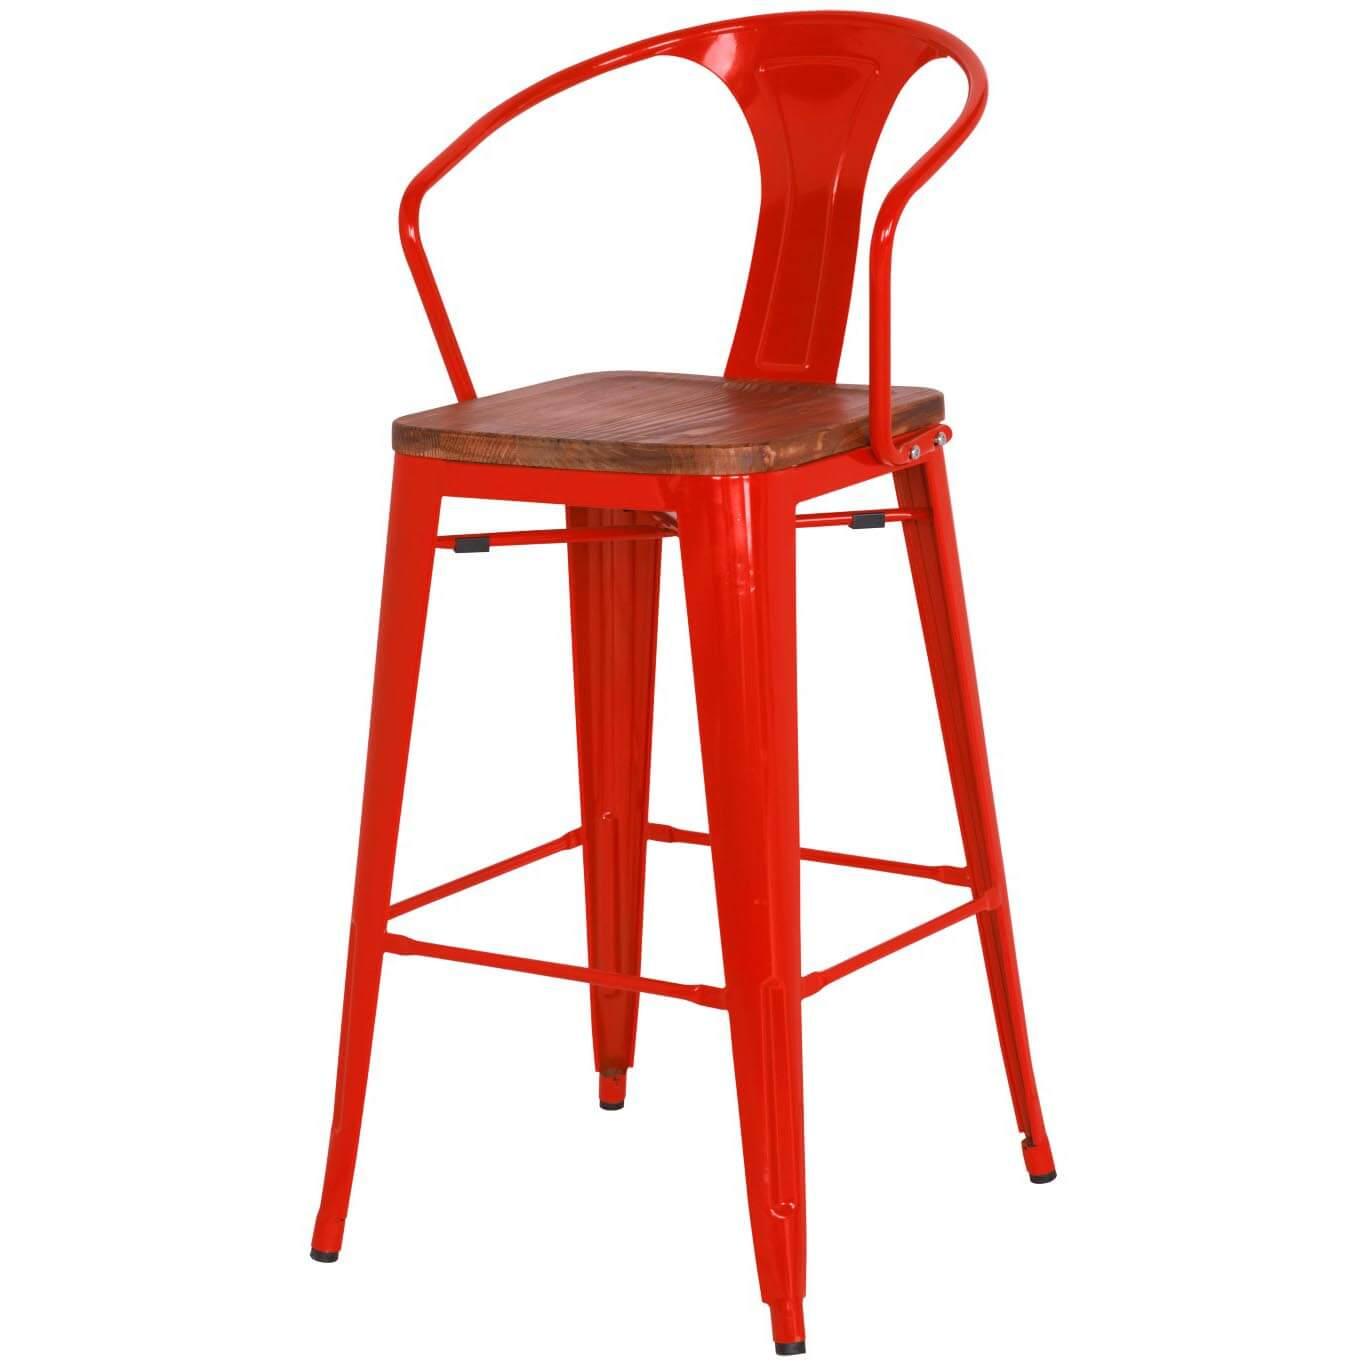 Metropolis Metal Counter Stool, Wood Seat, Black, Set Of 4